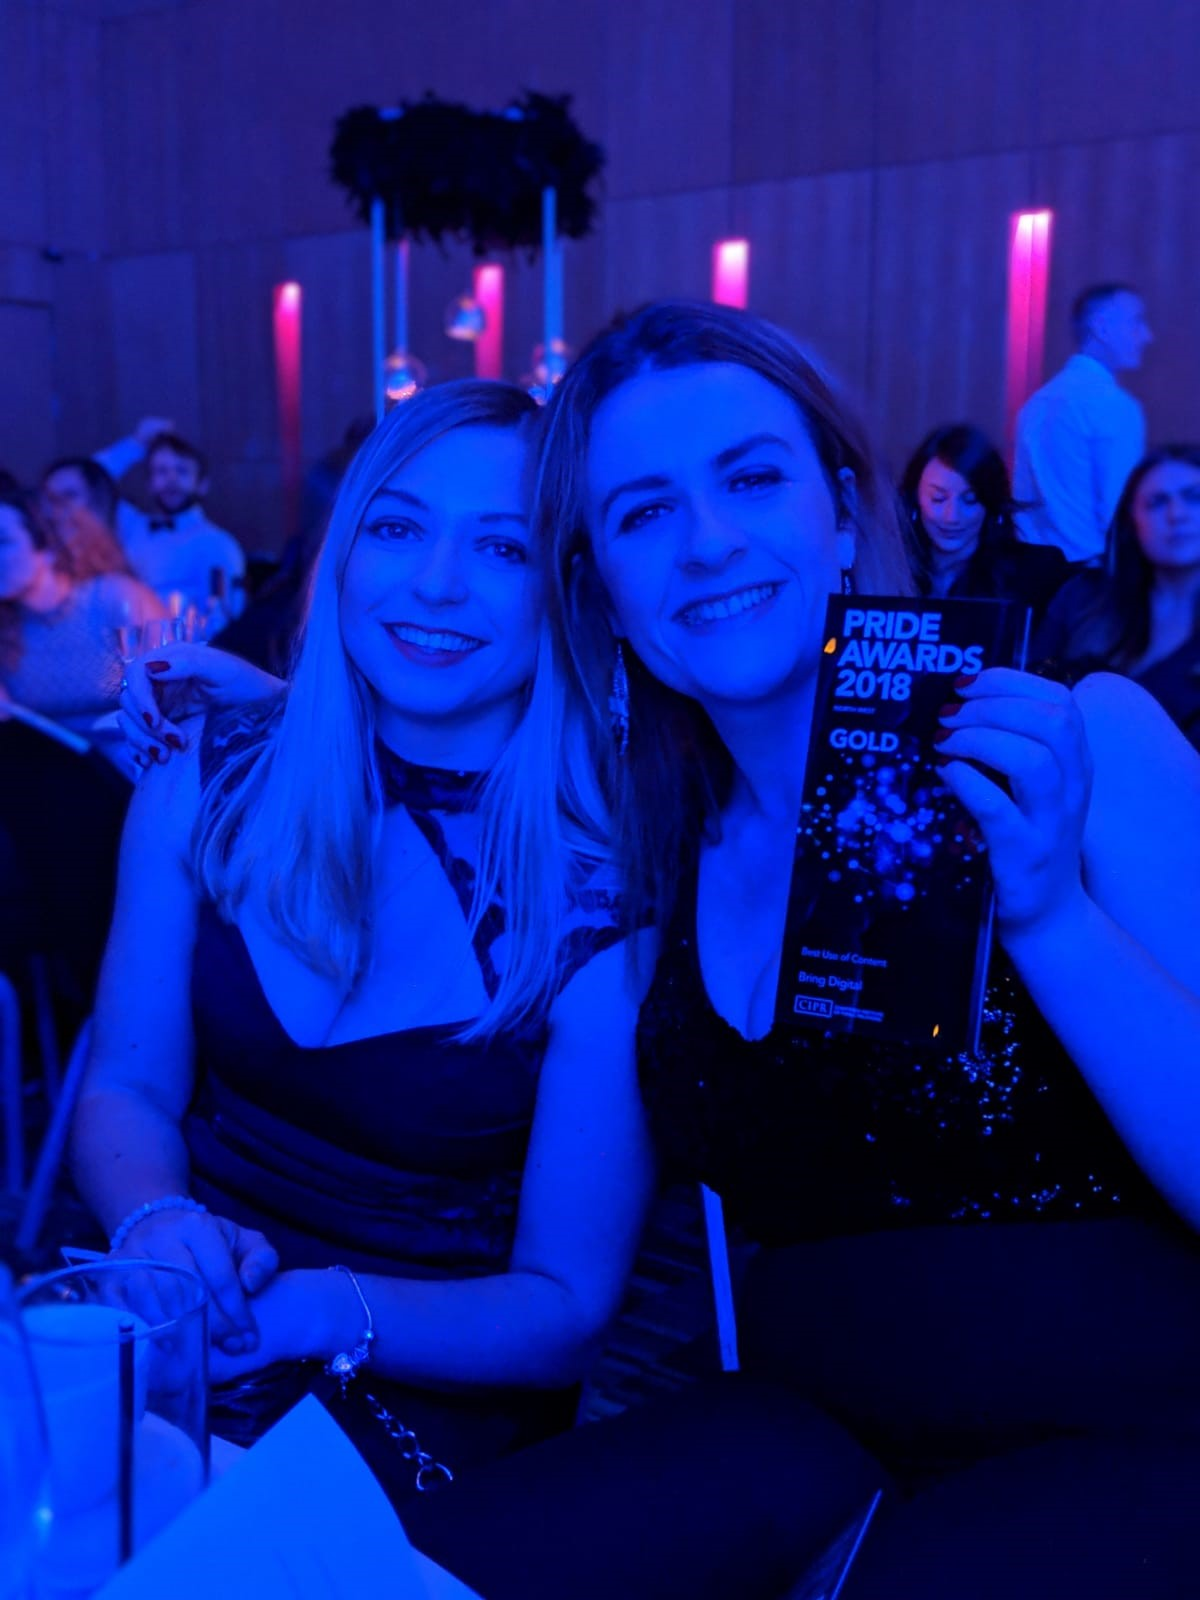 Bring Digital wins at the CIPR Awards 2018